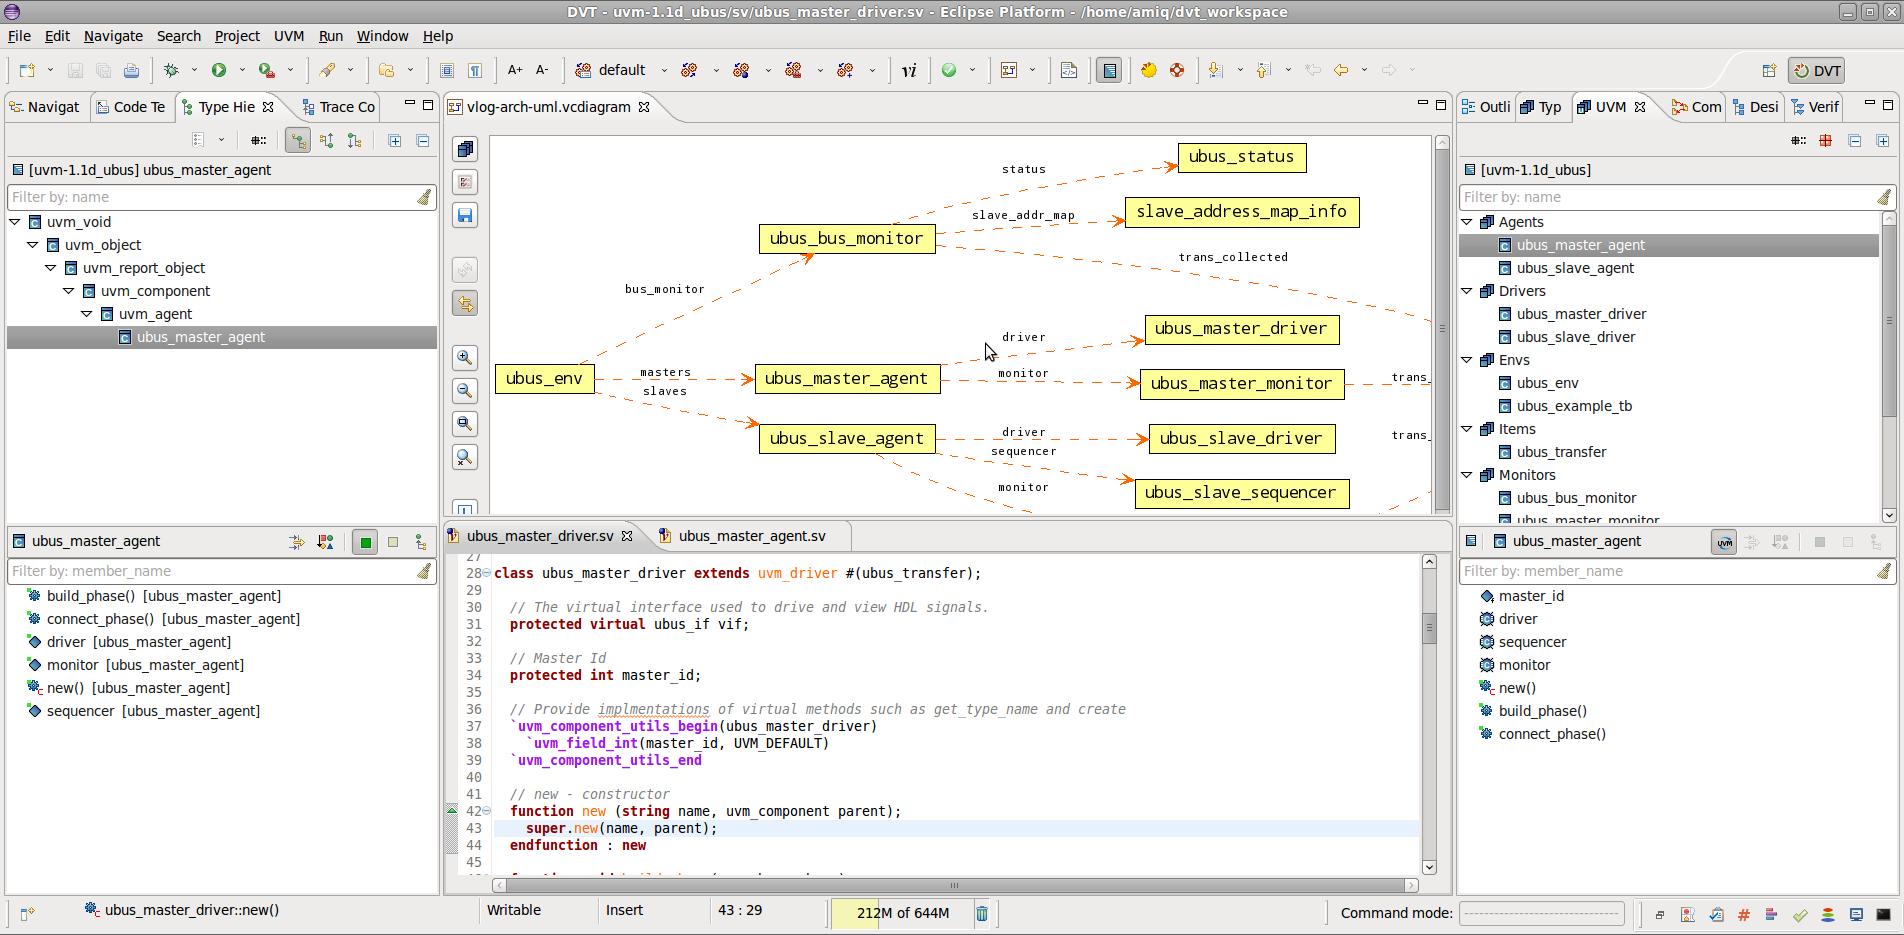 Design and Verification Tools (DVT) IDE for e, SystemVerilog